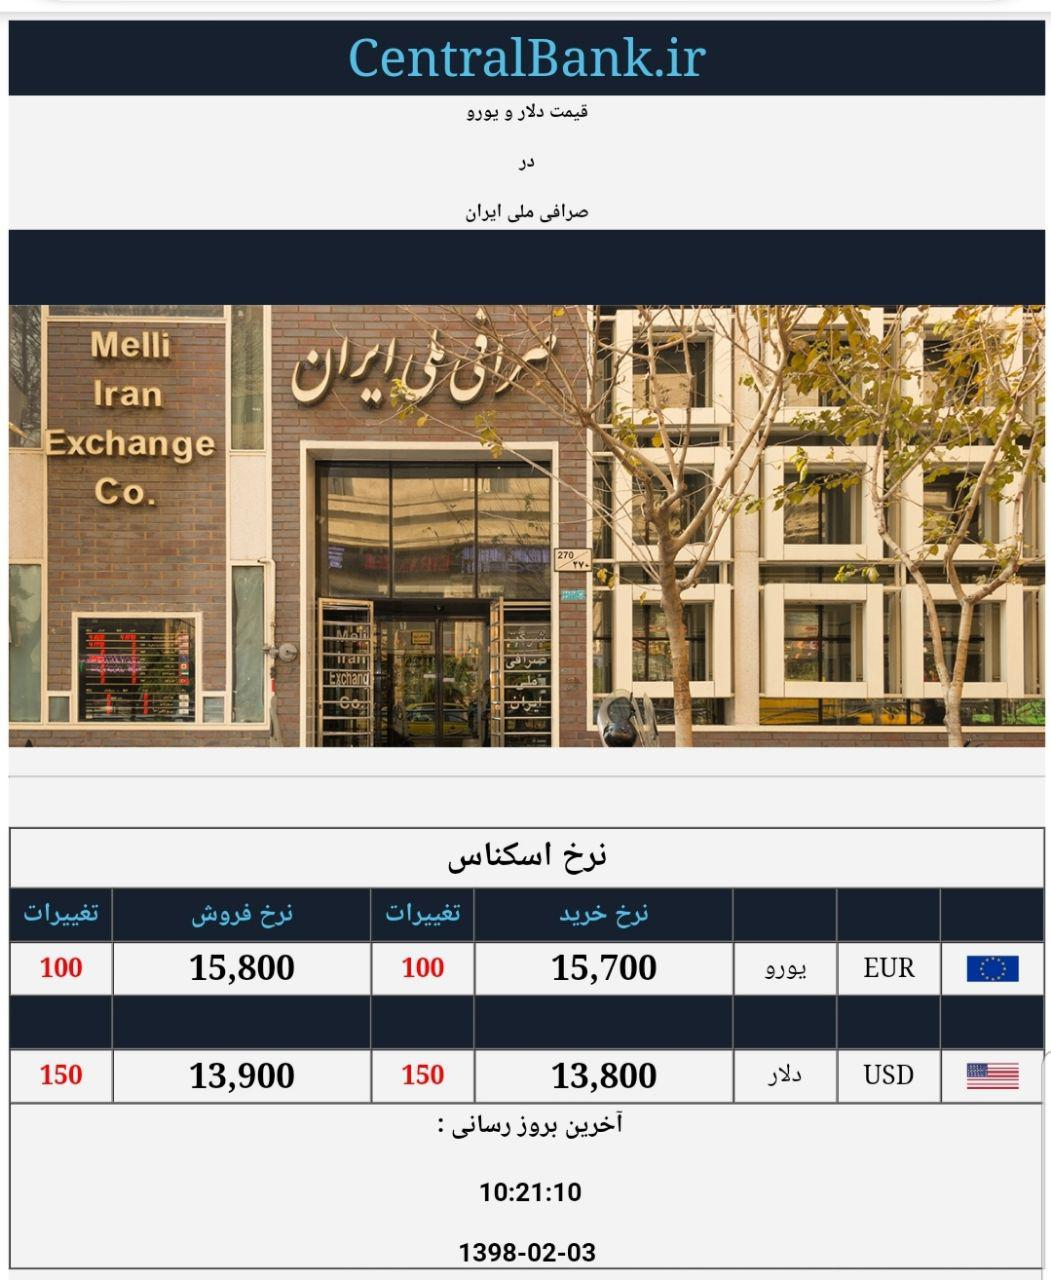 قیمت دلار و یورو در صرافی ملی امروز ۱۳۹۸/۰۲/۰۳